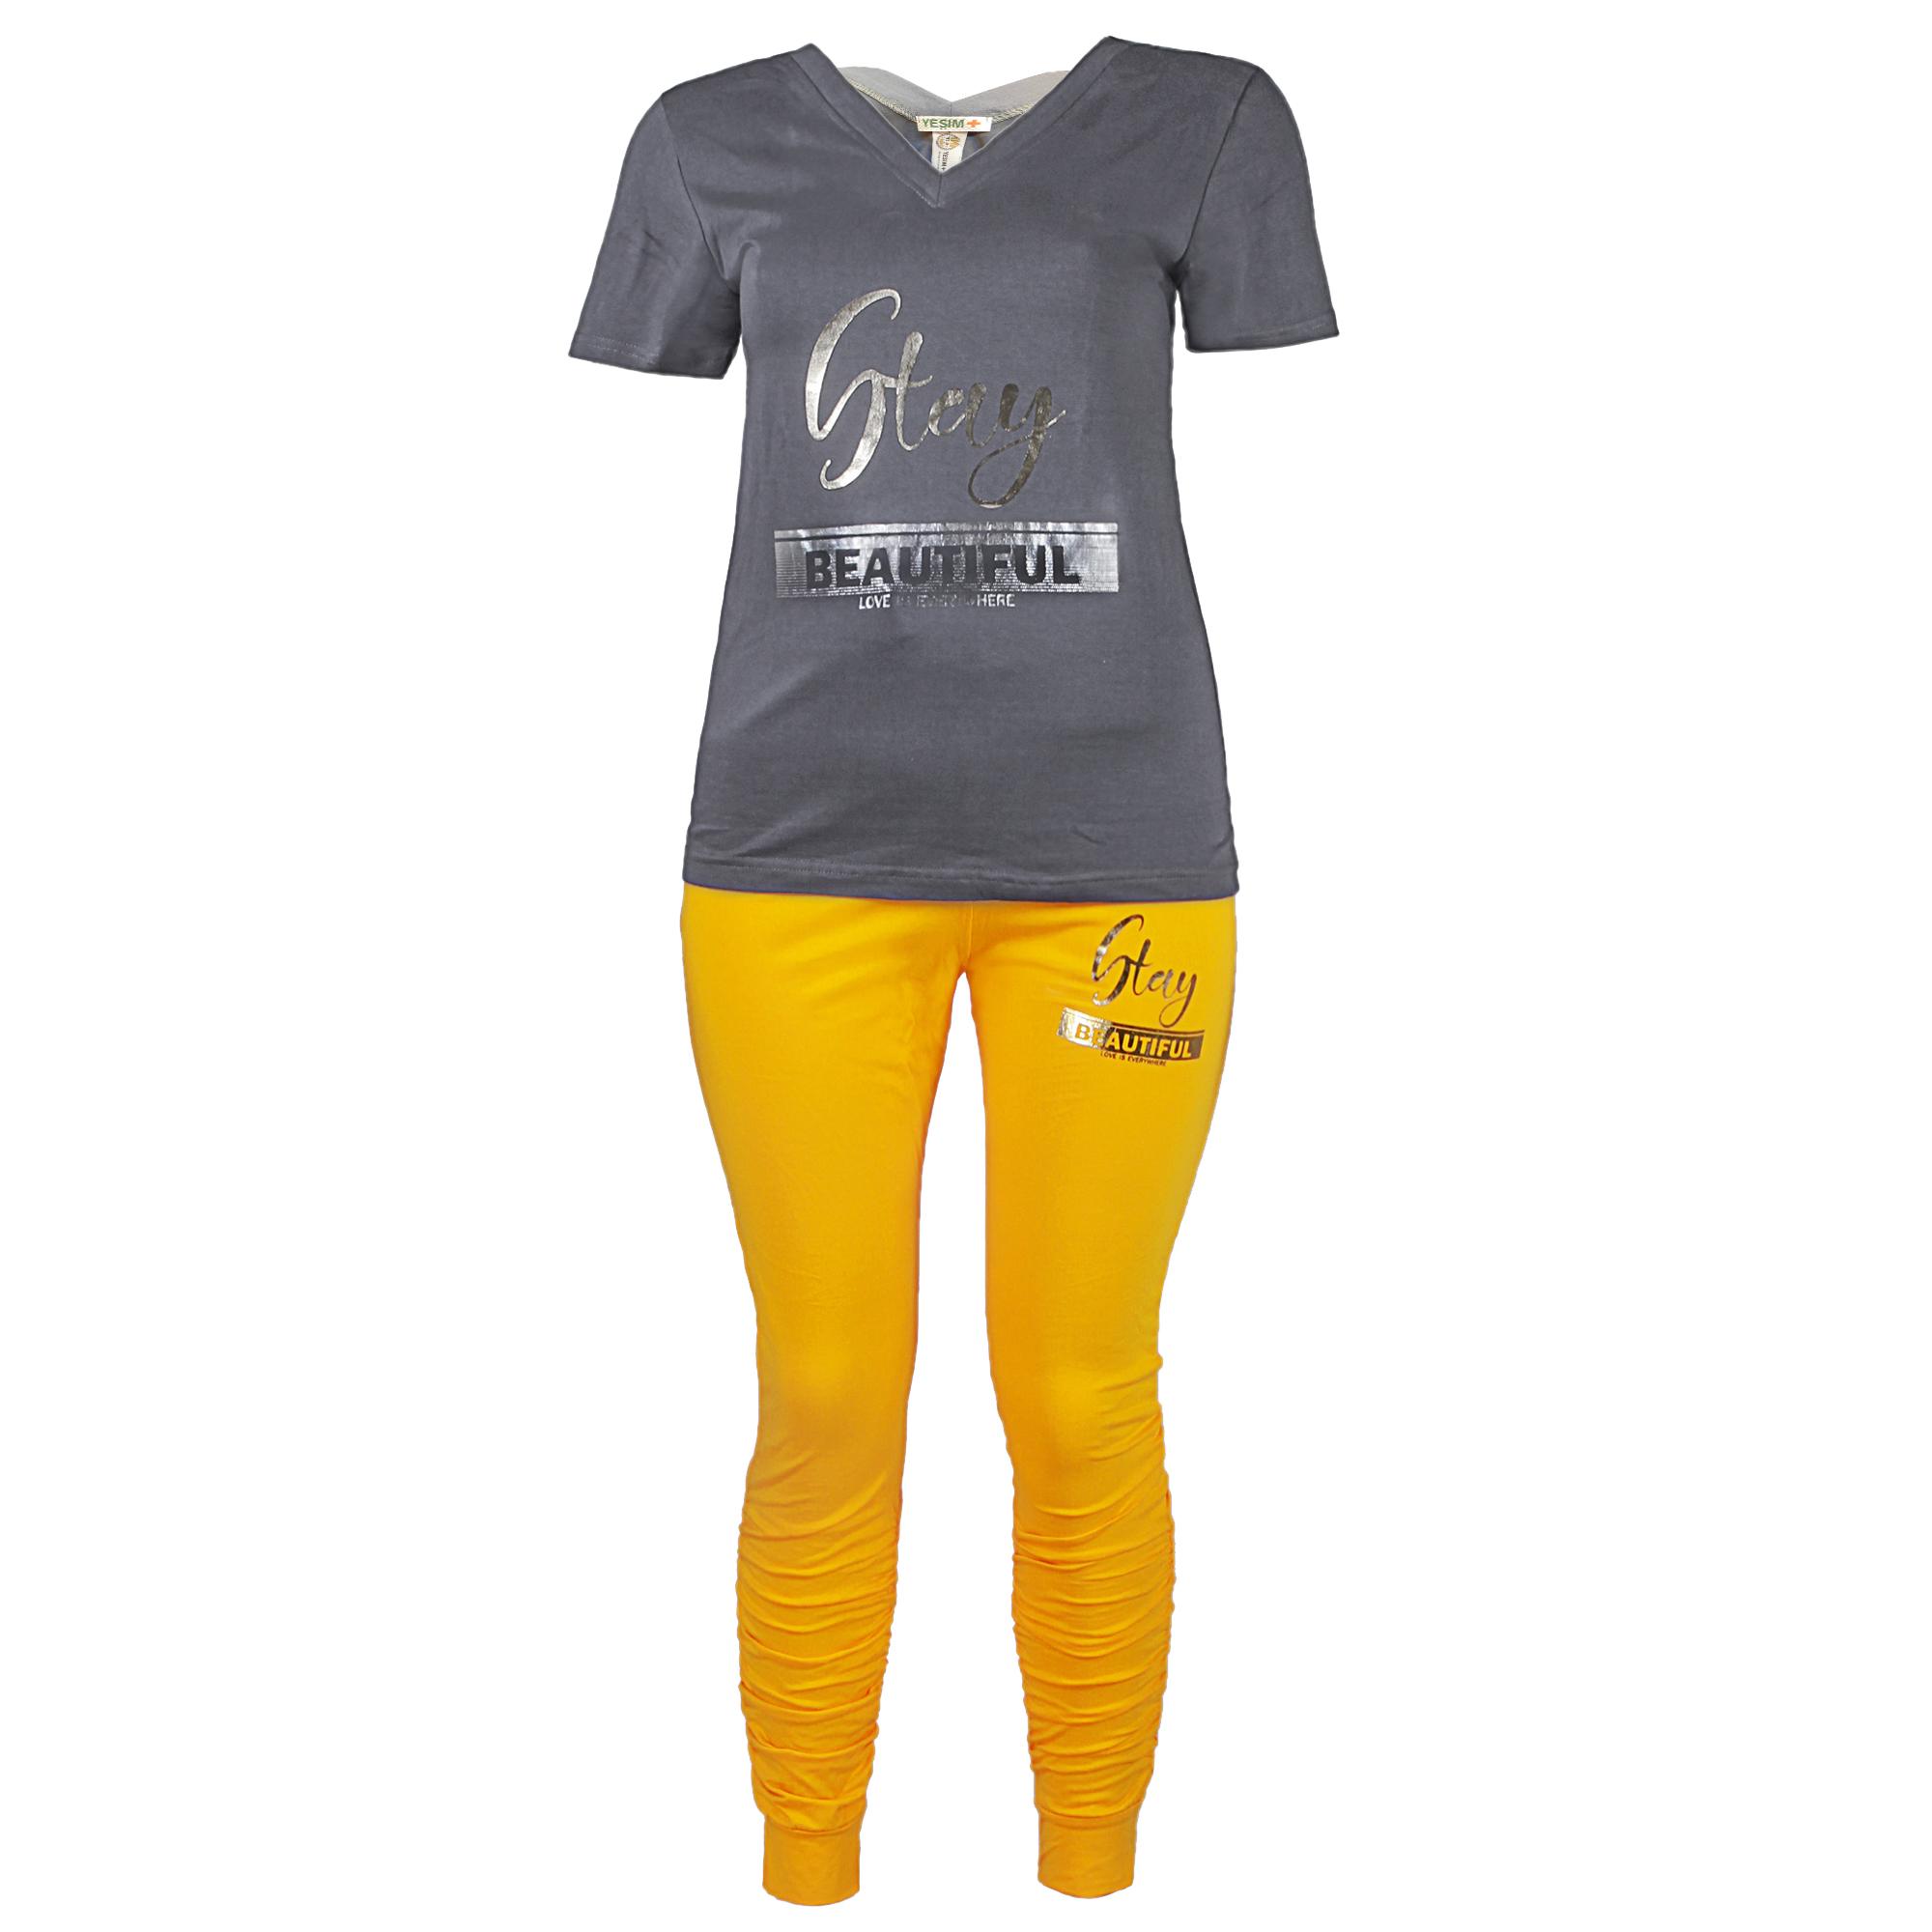 ست تی شرت و شلوار زنانه یشیم کد YS1096